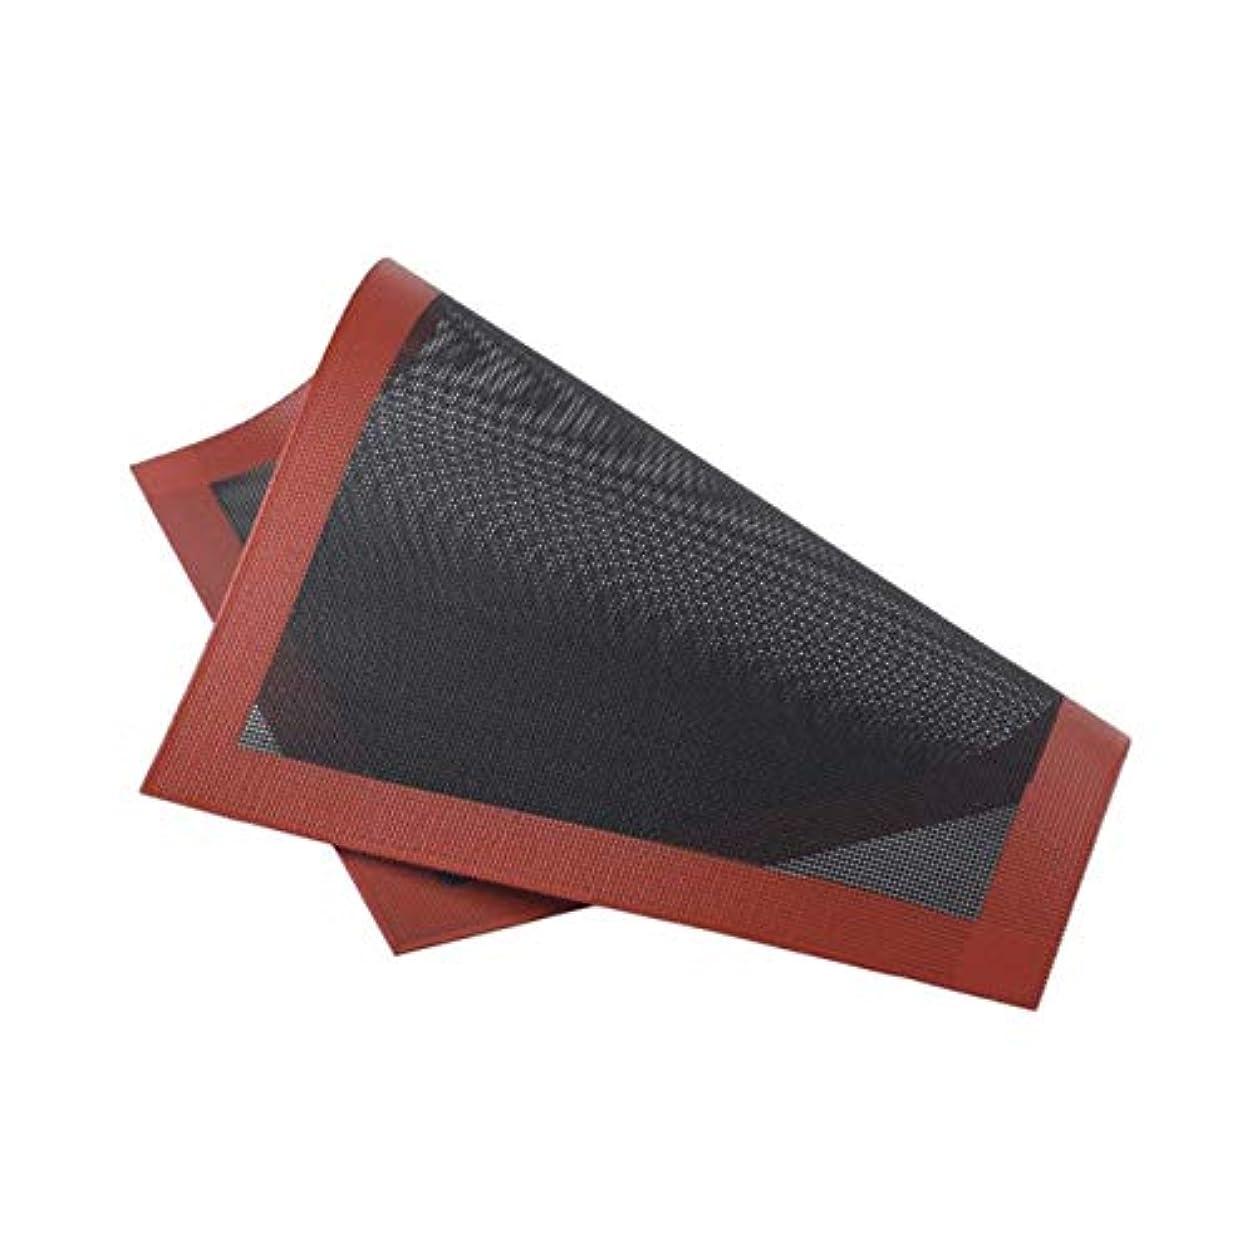 メンバーアパルポーチSaikogoods クッキーパンビスケットのための実用的なデザインホームキッチンベーキングツールのシリコンベーキングマットノンスティックベーキングオーブンシートライナー 黒と赤 直角